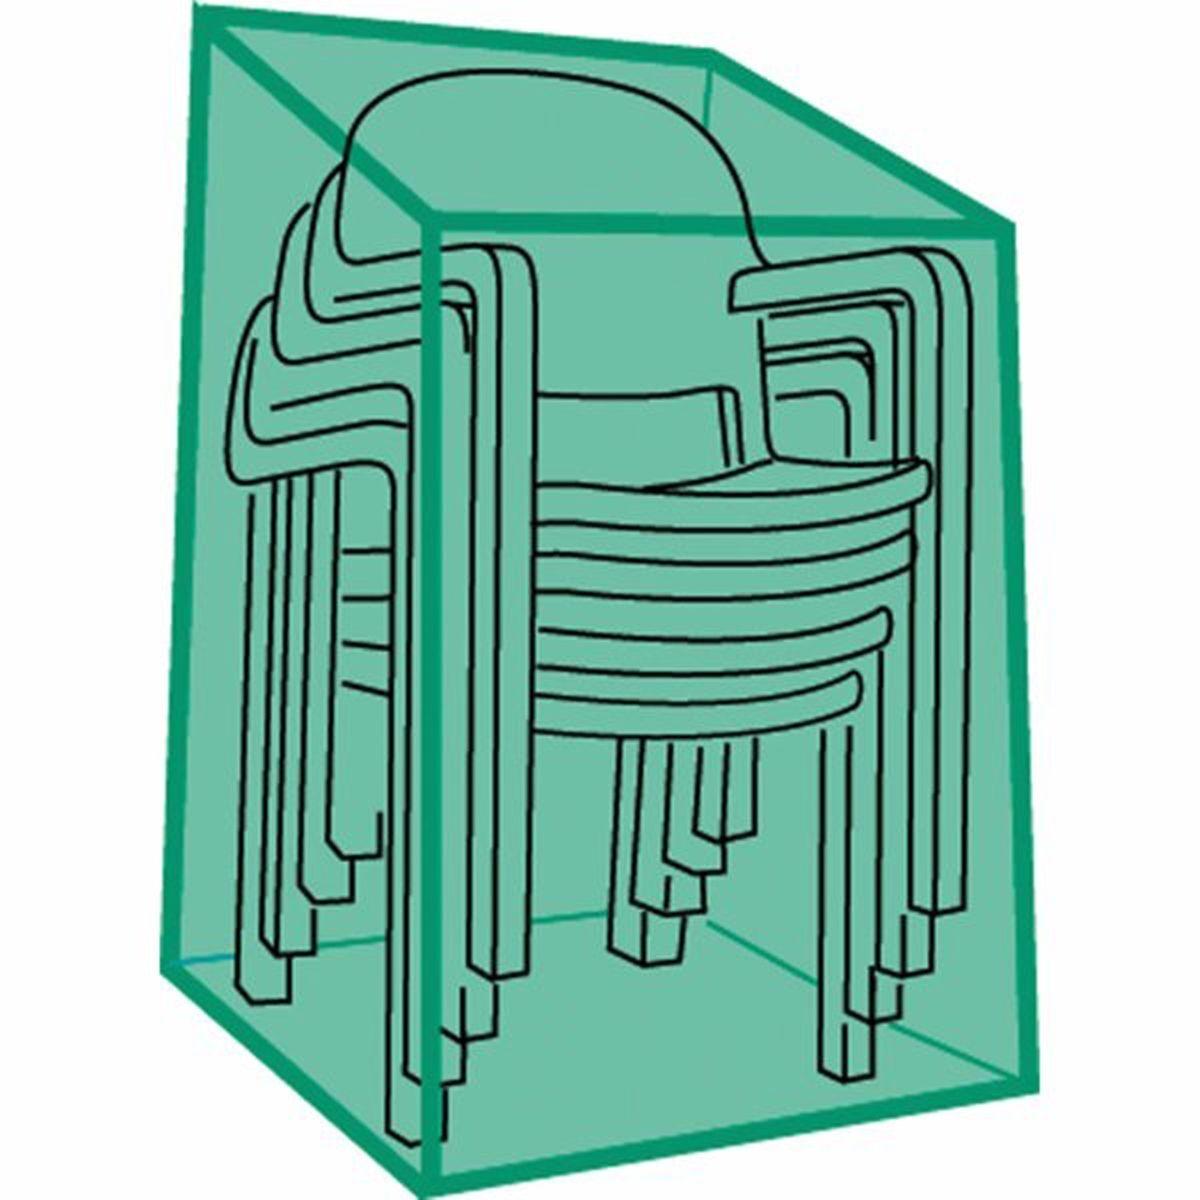 La Redoute Housse spécial chaises et fauteuils - LA REDOUTE INTERIEURS